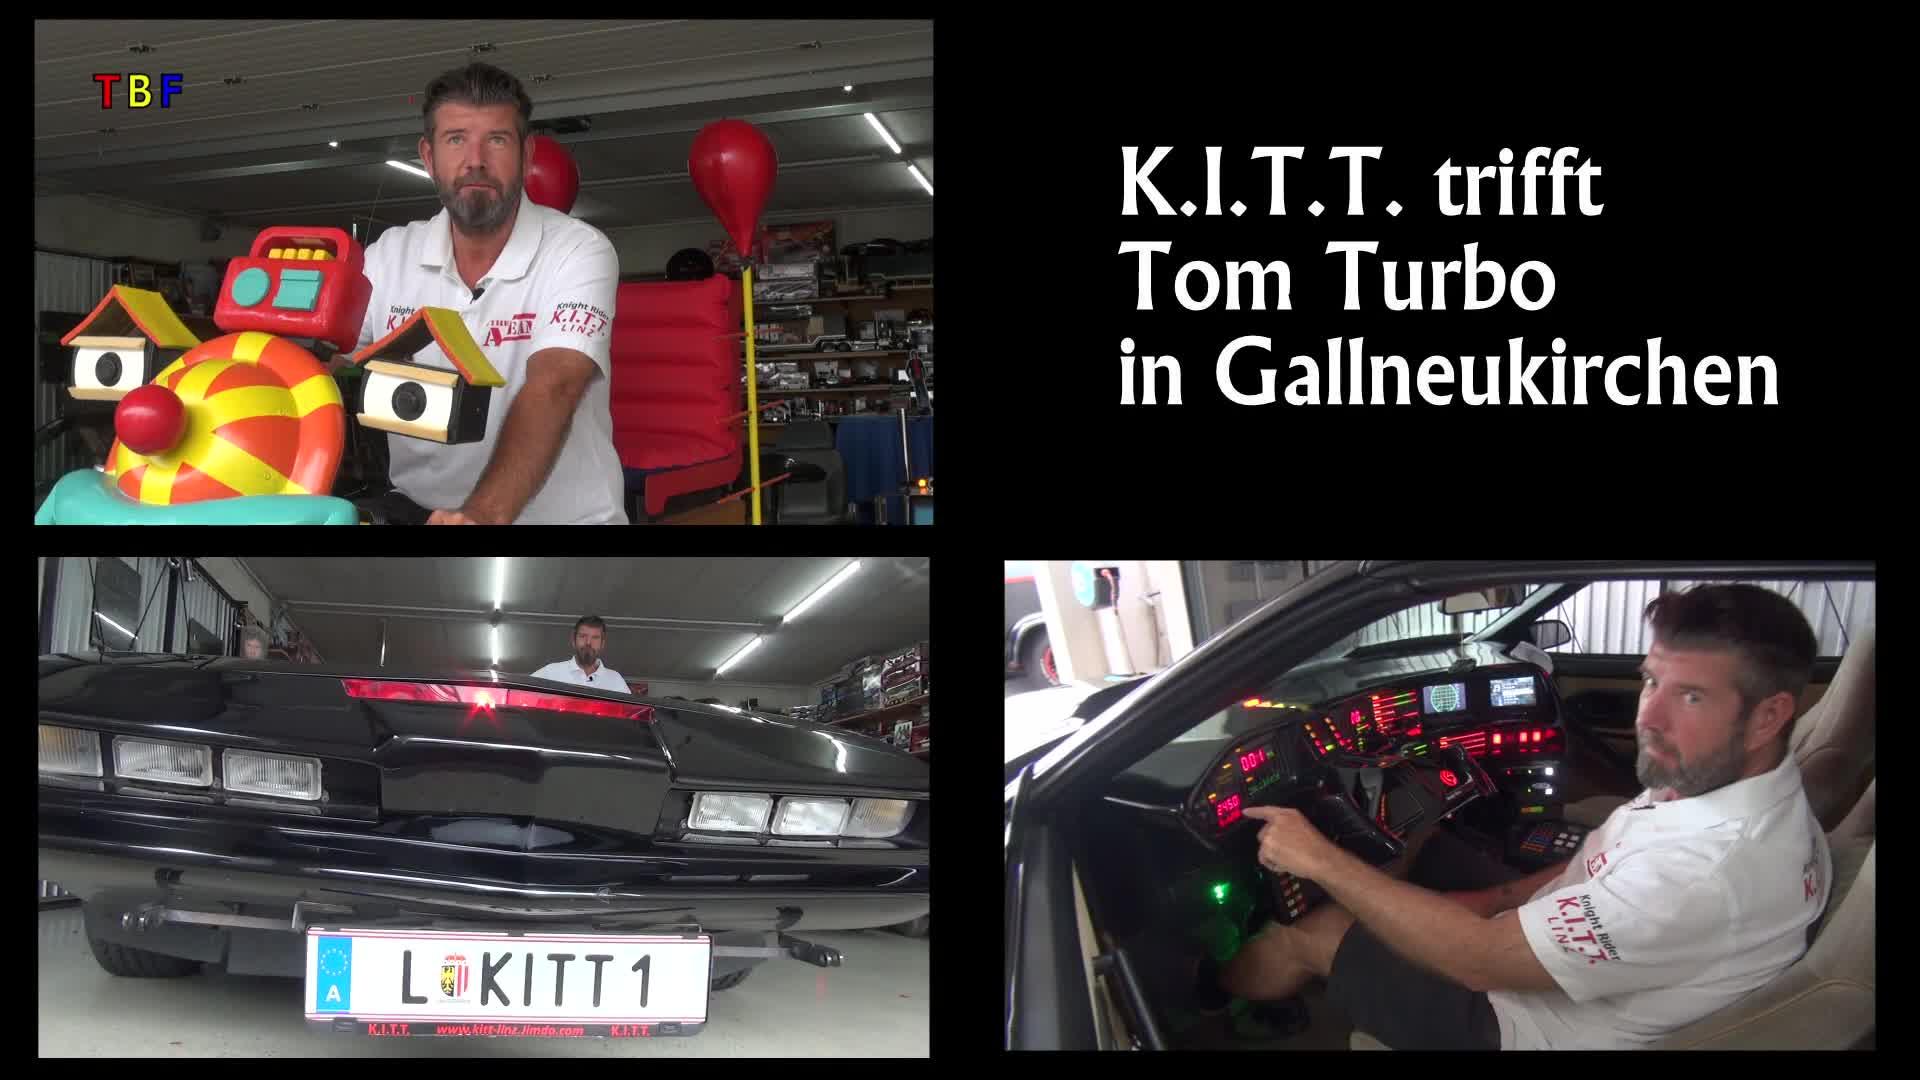 K.I.T.T. trifft Tom Turbo